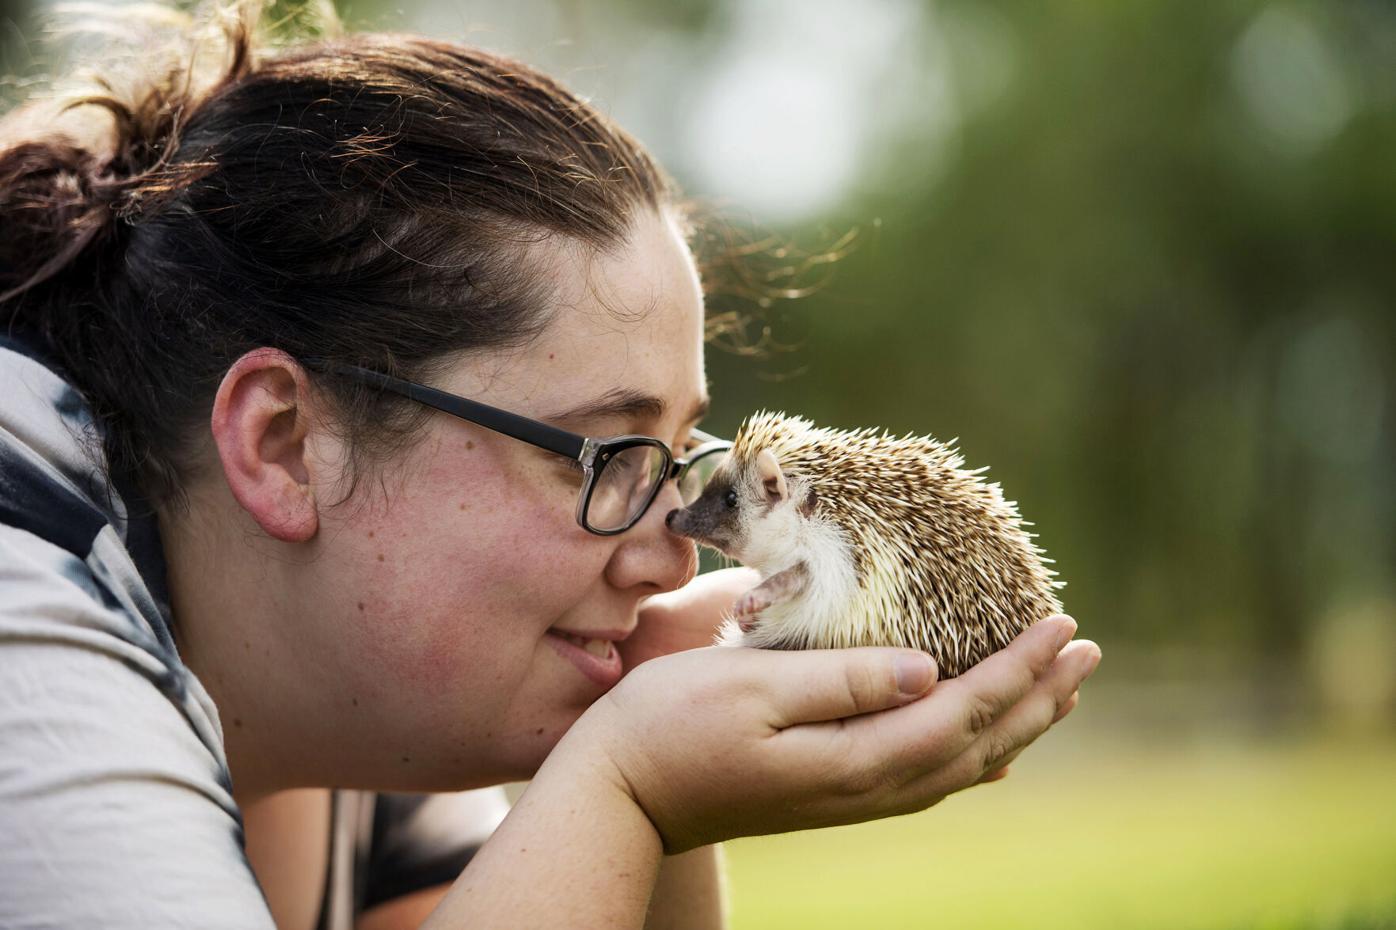 082921-life-hedgehogs 01